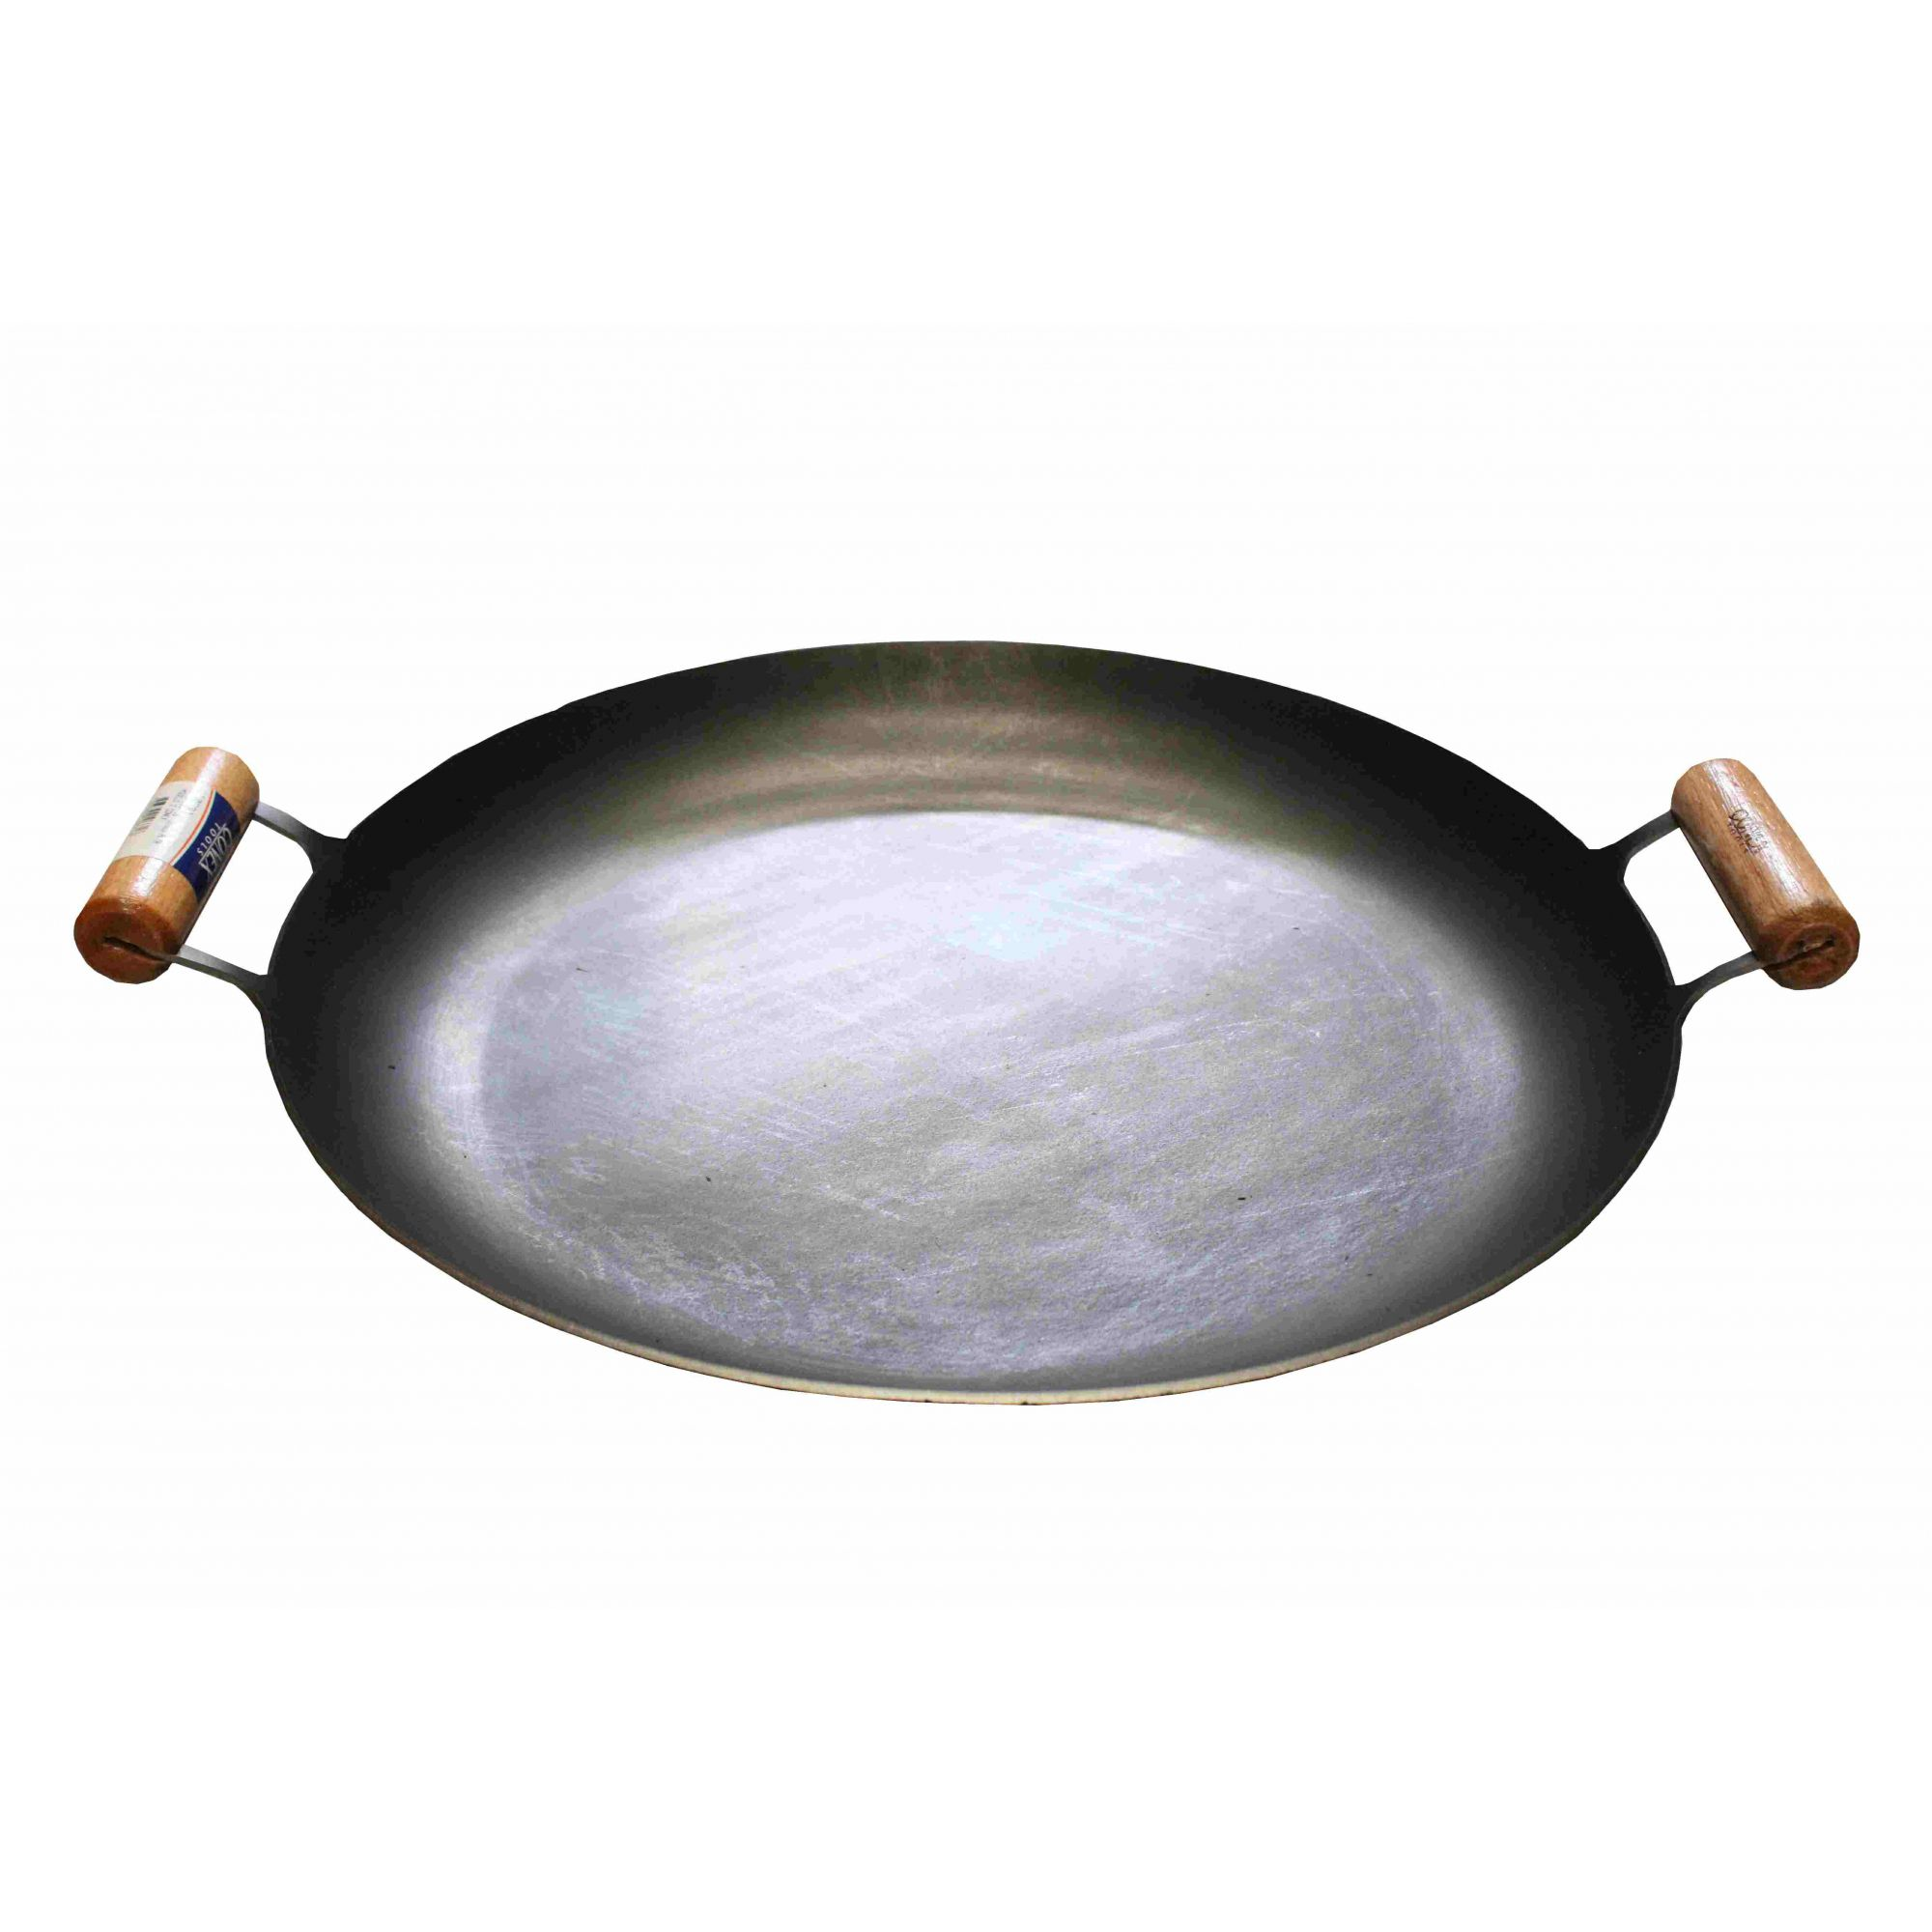 Chapa Bifeteira Disco de Arado Tacho de Aço com Borda e Cabo de Madeira Conex